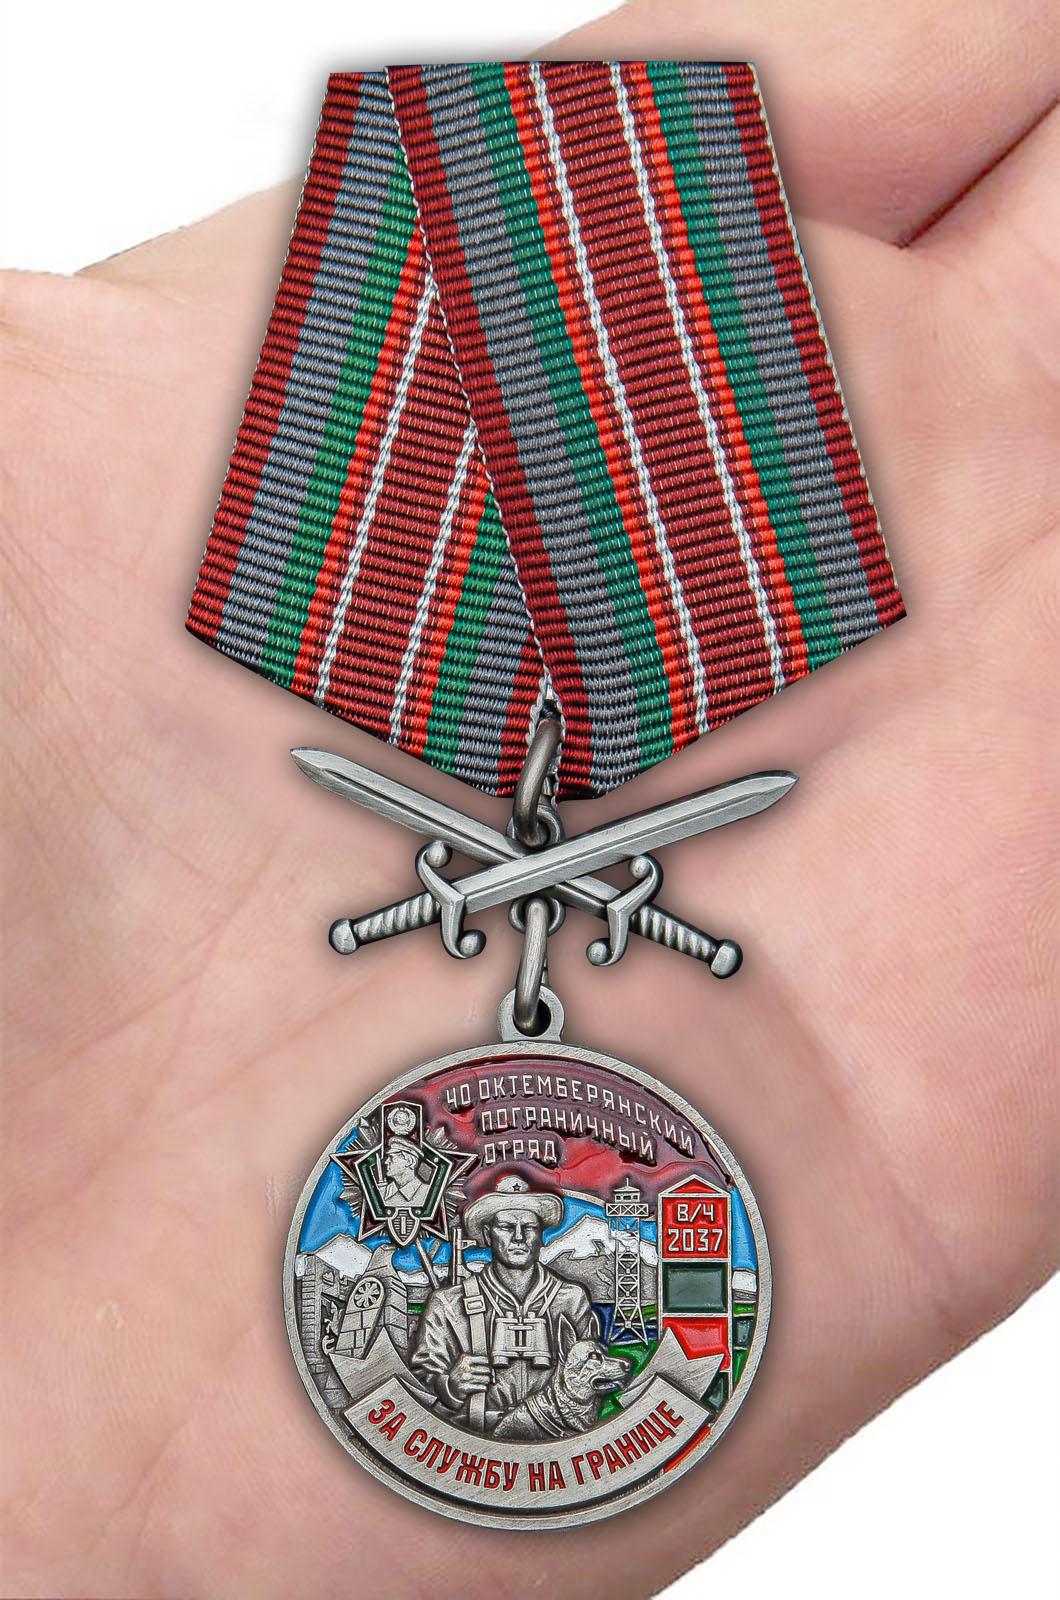 Памятная медаль За службу в Октемберянском пограничном отряде - вид на ладони